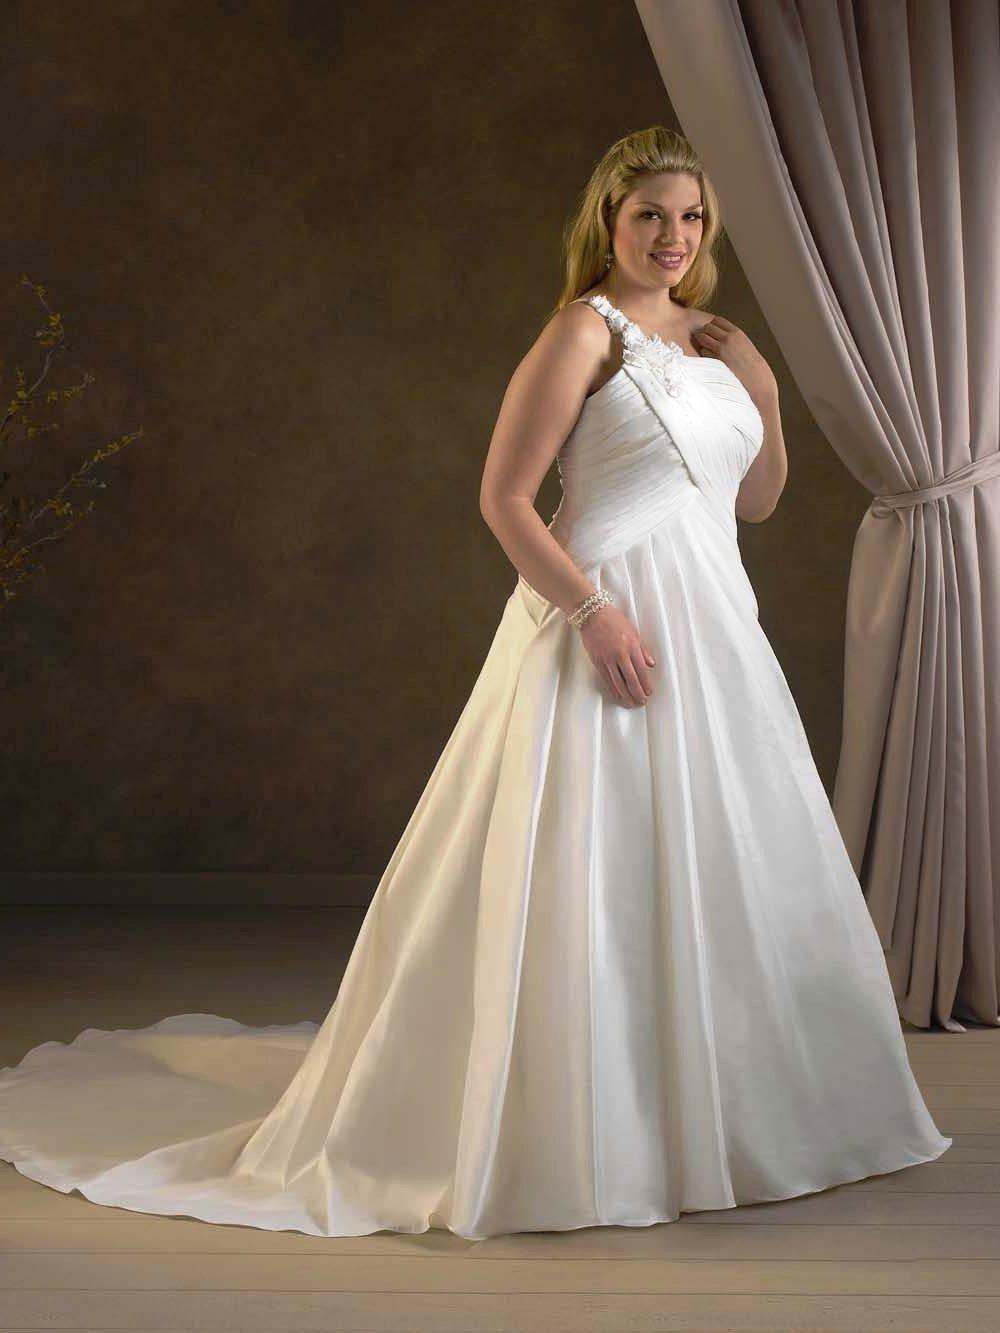 минимальные свадебные платья в картинках всех размеров коллекция картинок